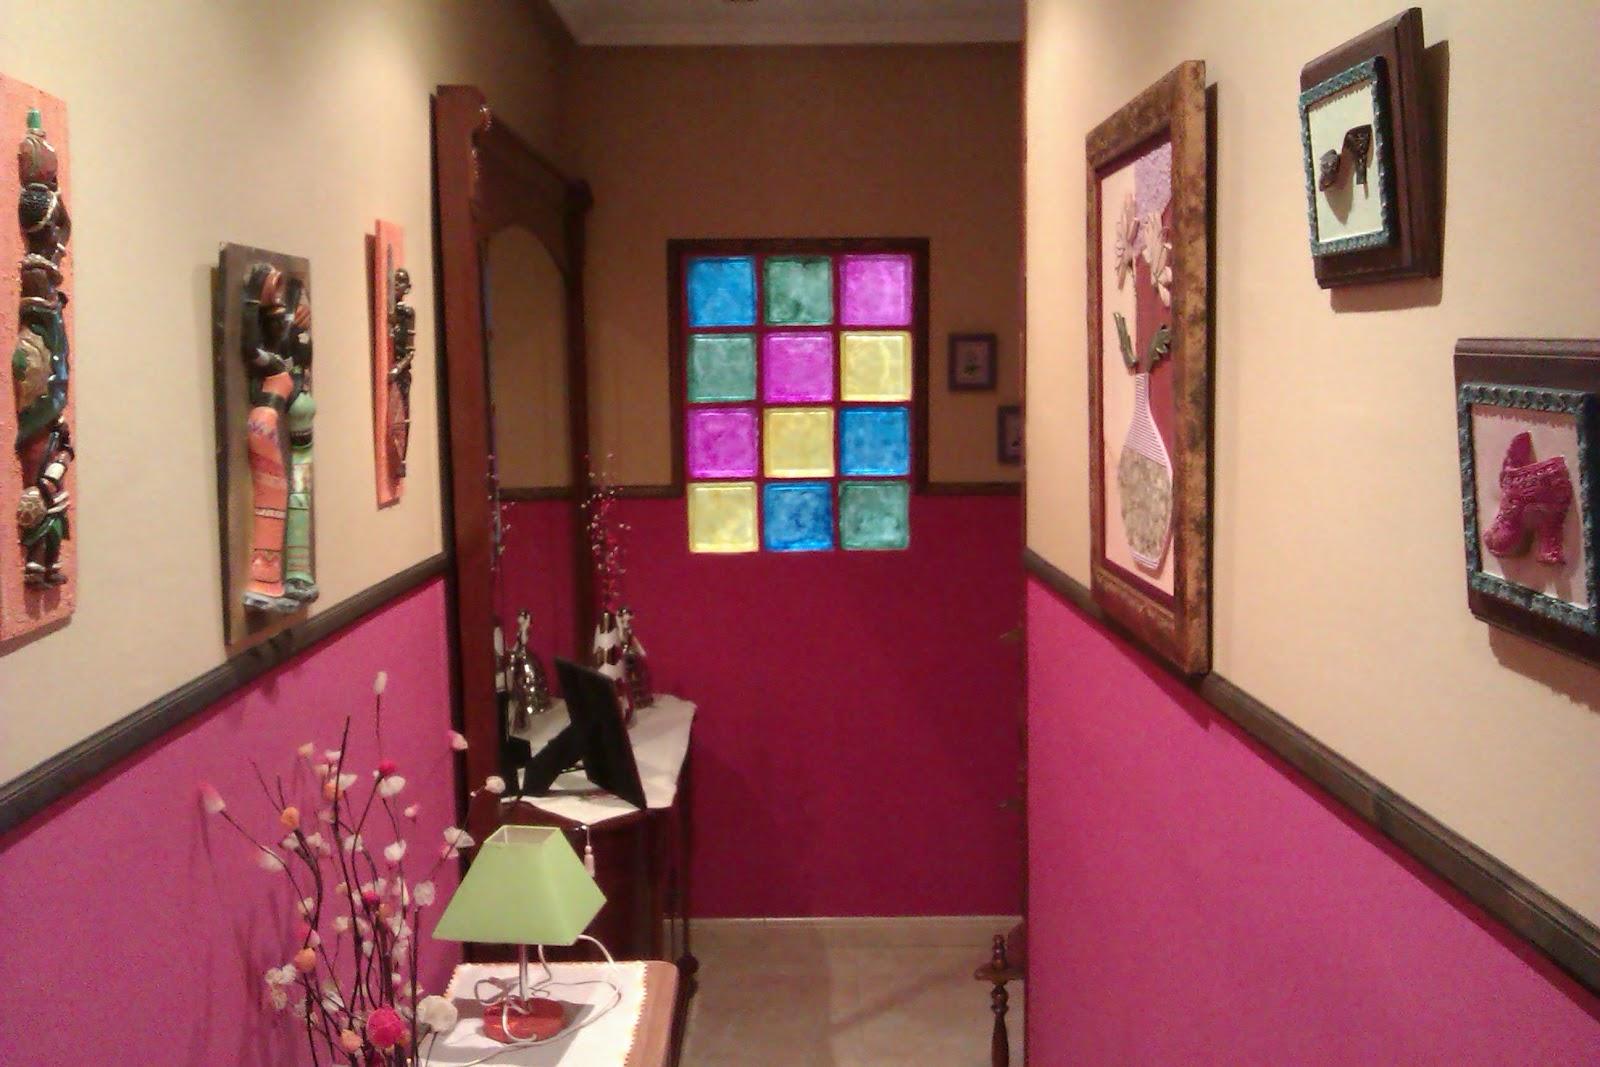 Pinturas y decoraciones ruben obra 5 pintura interior y - Decoracion con pinturas en paredes ...